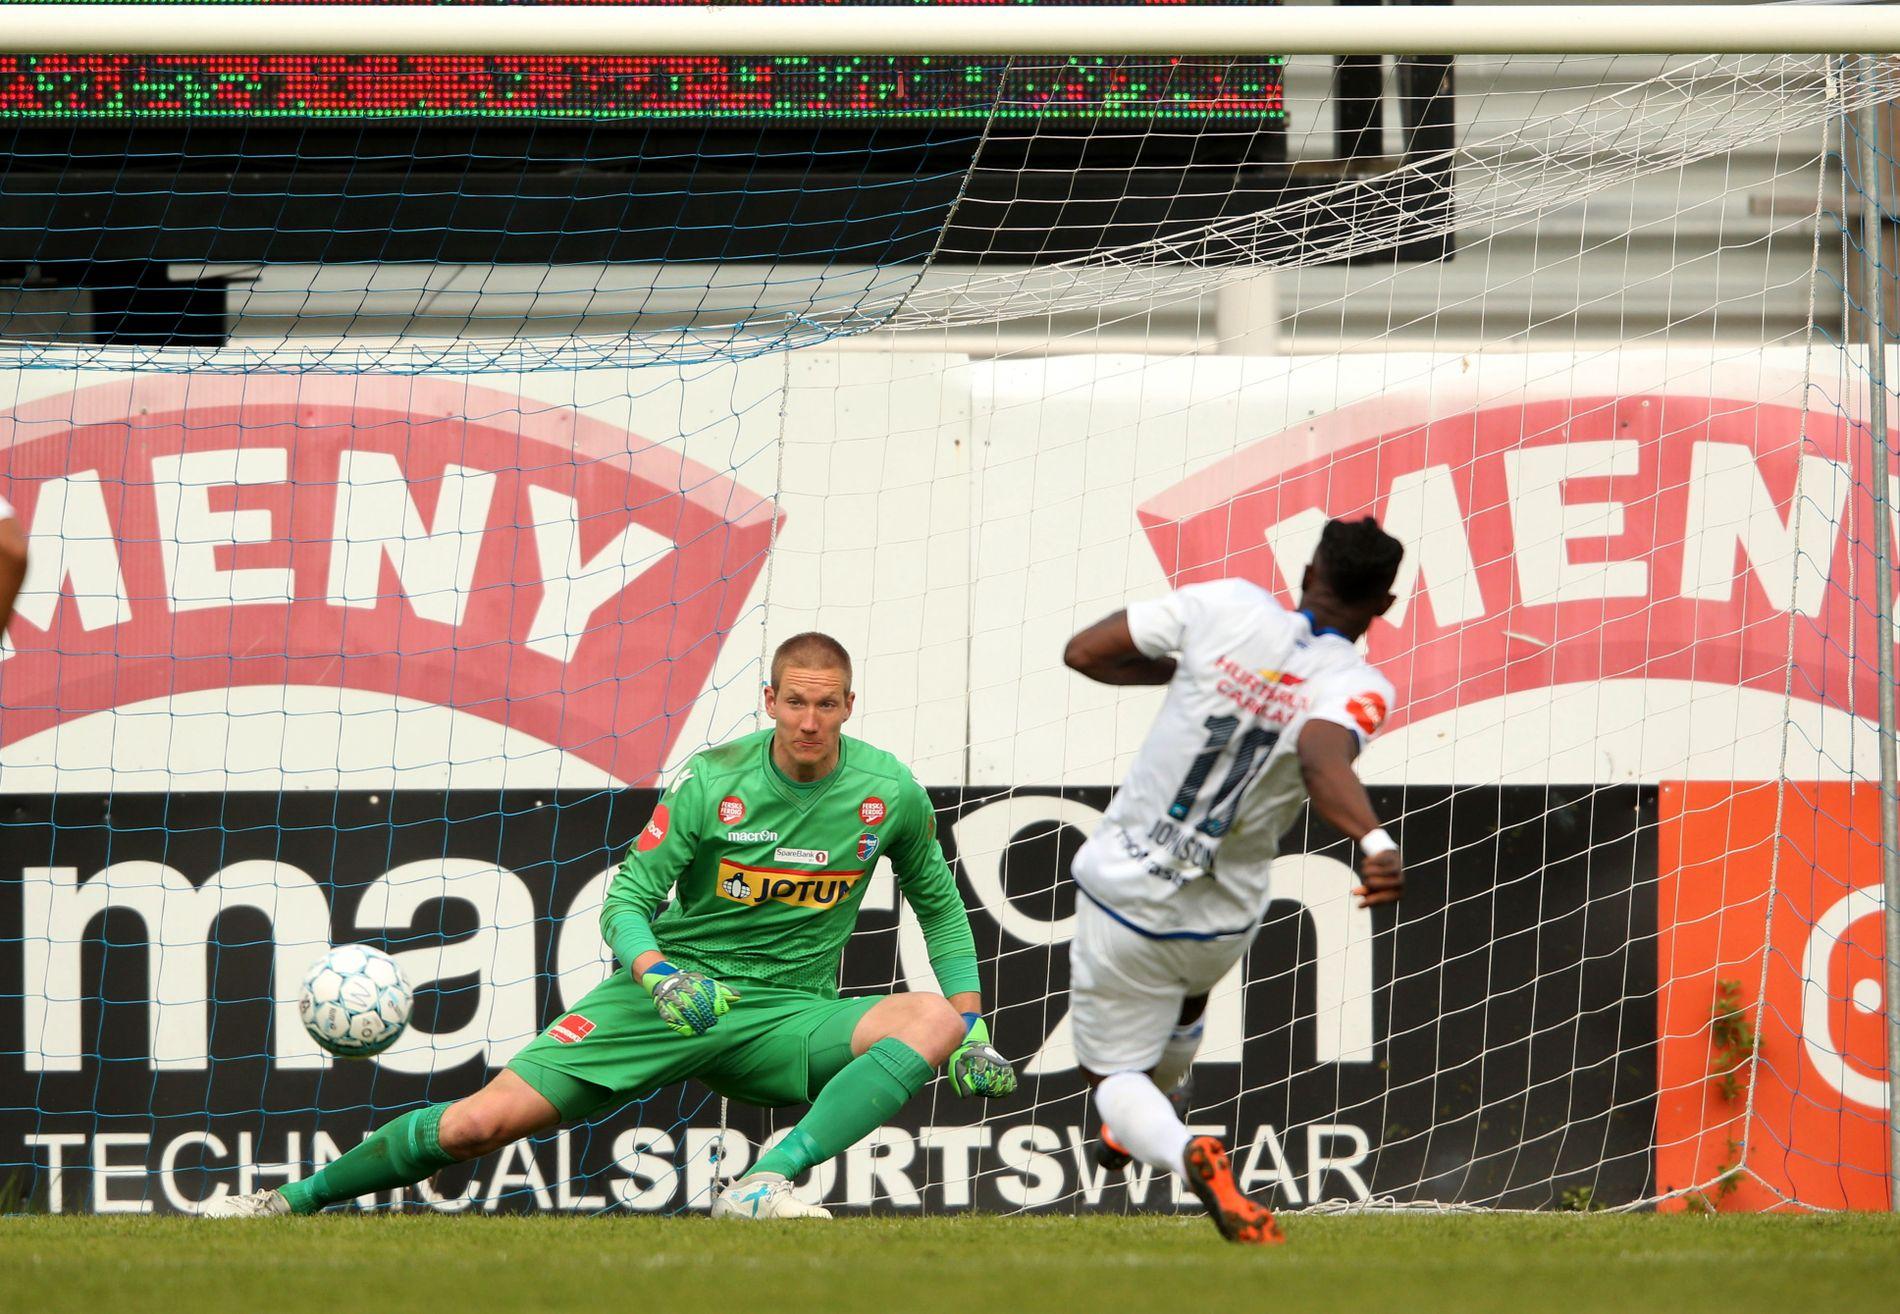 MATCHVINNER: Vålerengas Sam Johnson setter ballen i mål bak Sandefjord-keeper Eirik Holmen Johansen i kampens 55. minutt.